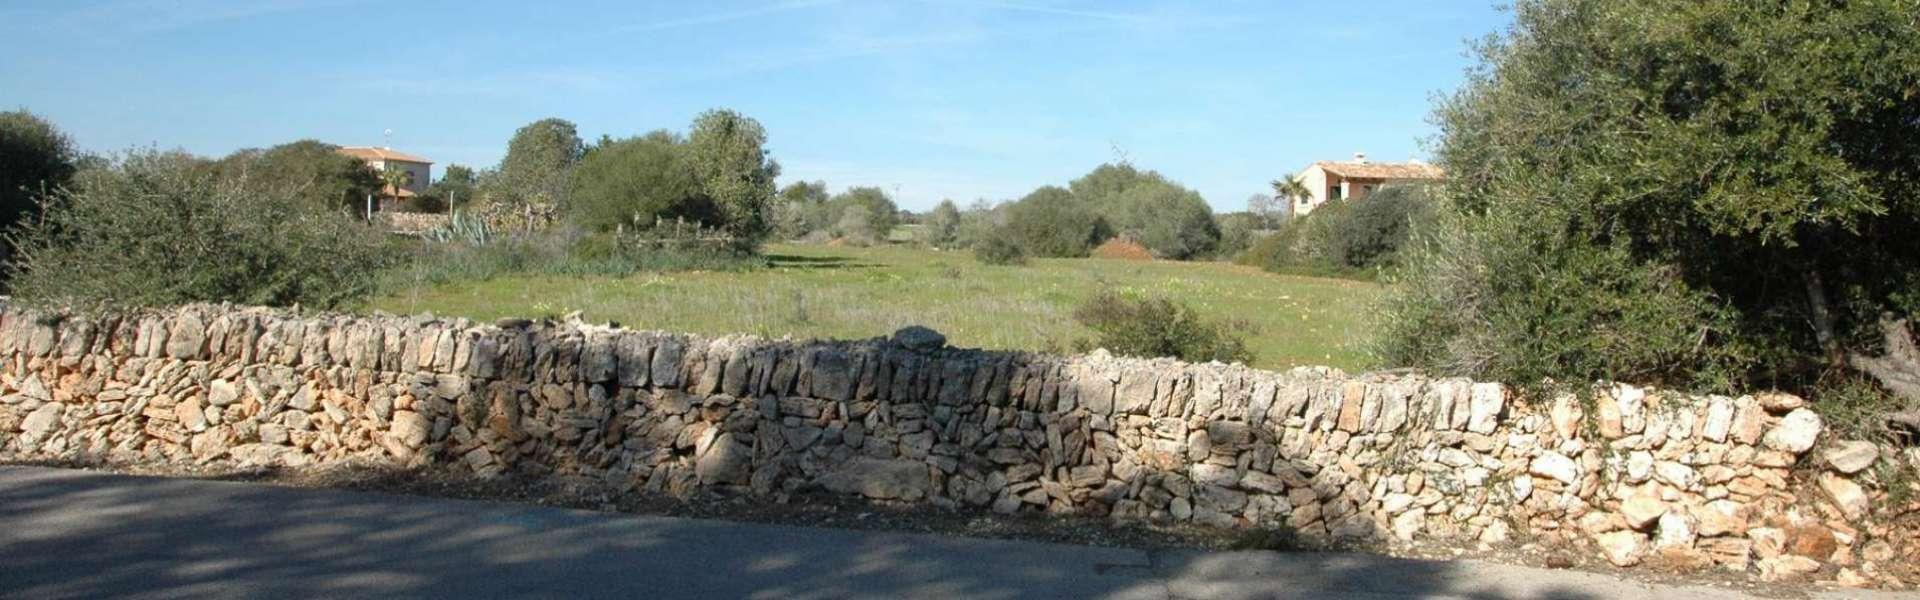 Cala Santanyi - Baugrundstück zu kaufen